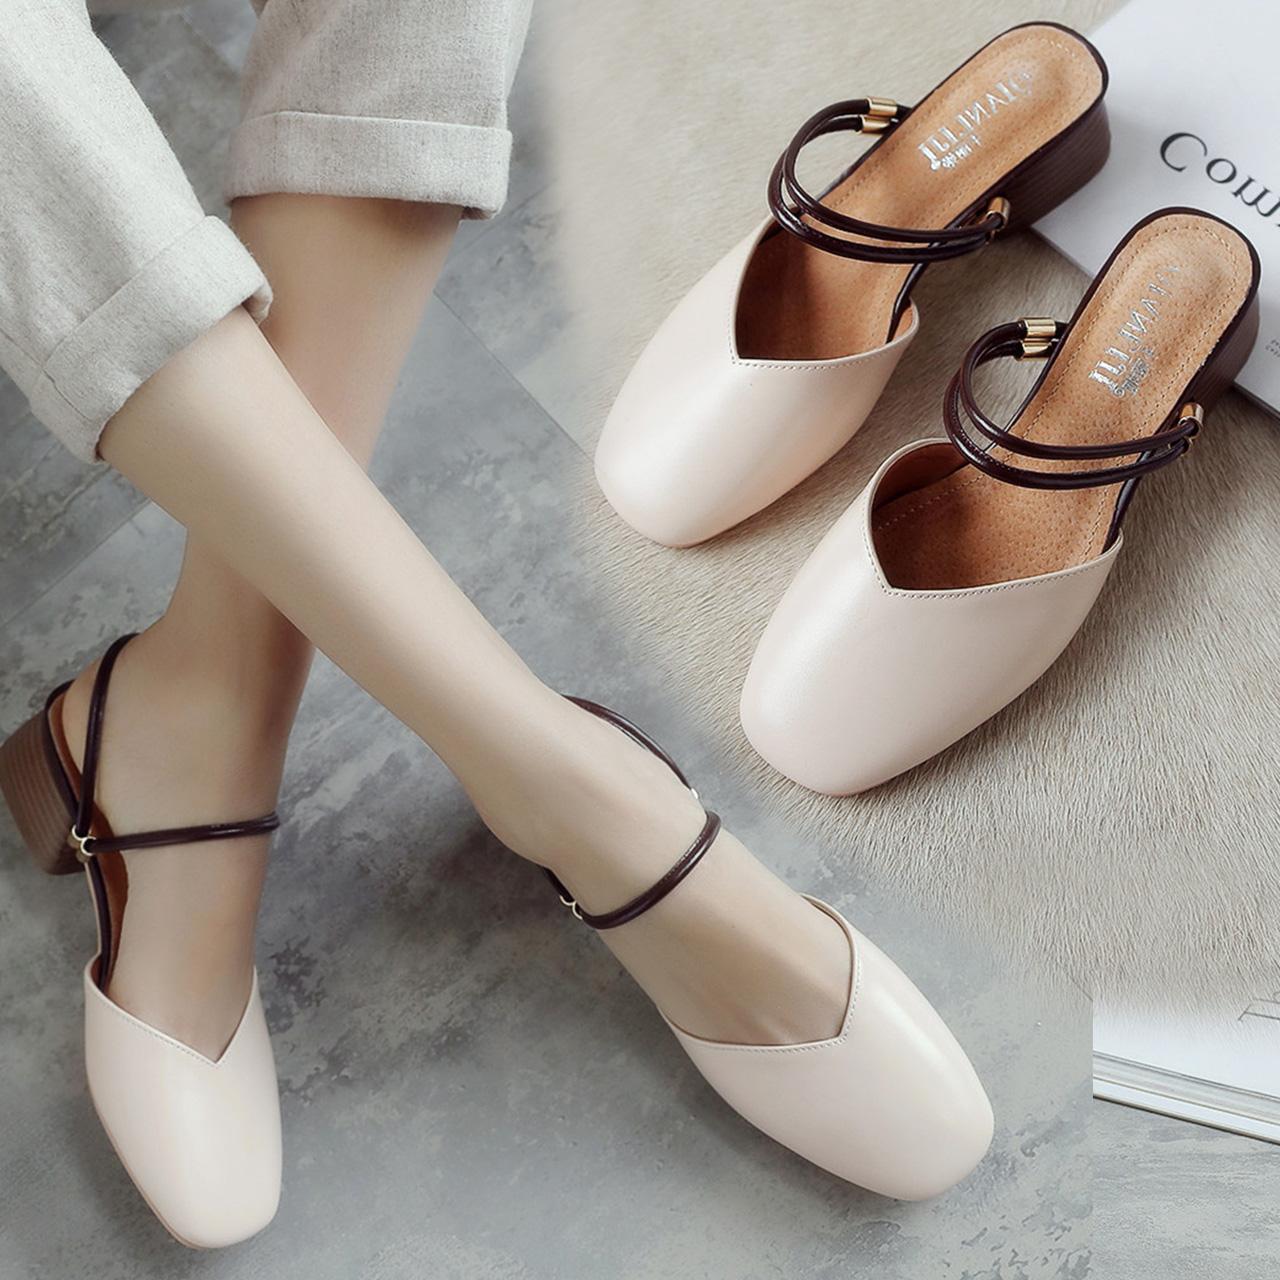 [100%羊皮]一鞋两穿凉拖